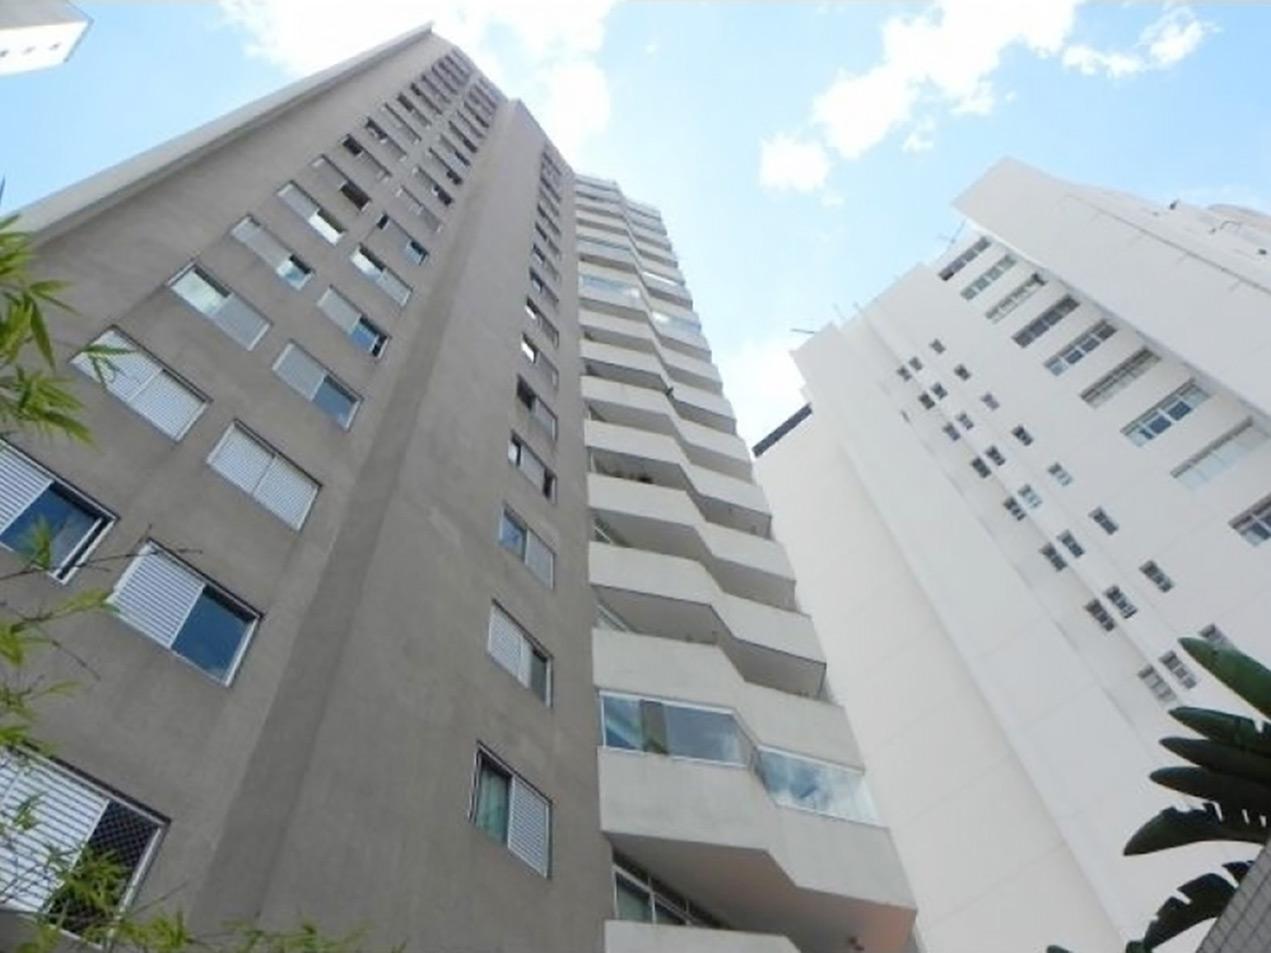 Impermeabilização de prédios em Lisboa